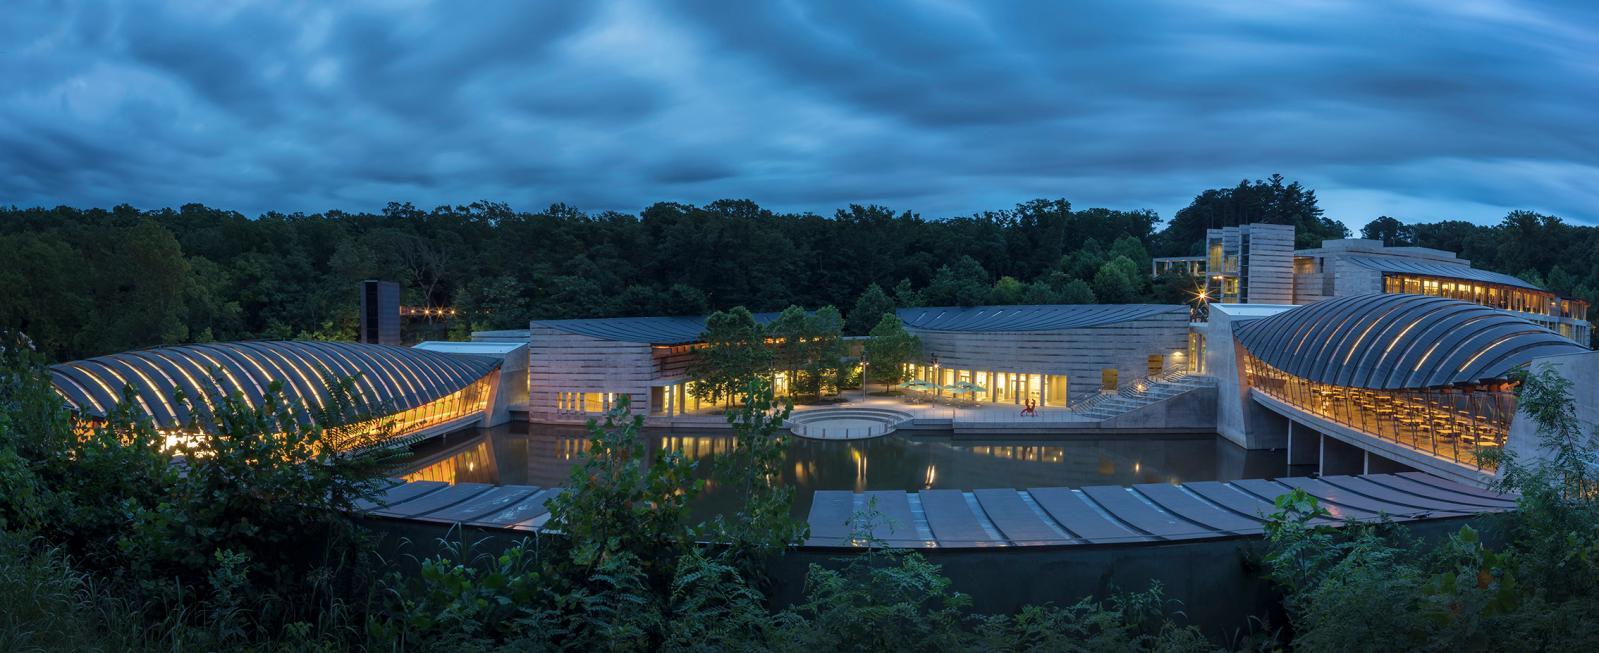 Panoramic view of Crystal Bridges Museum of American Art.Image Courtesy of Crystal Bridges Museum of American Art